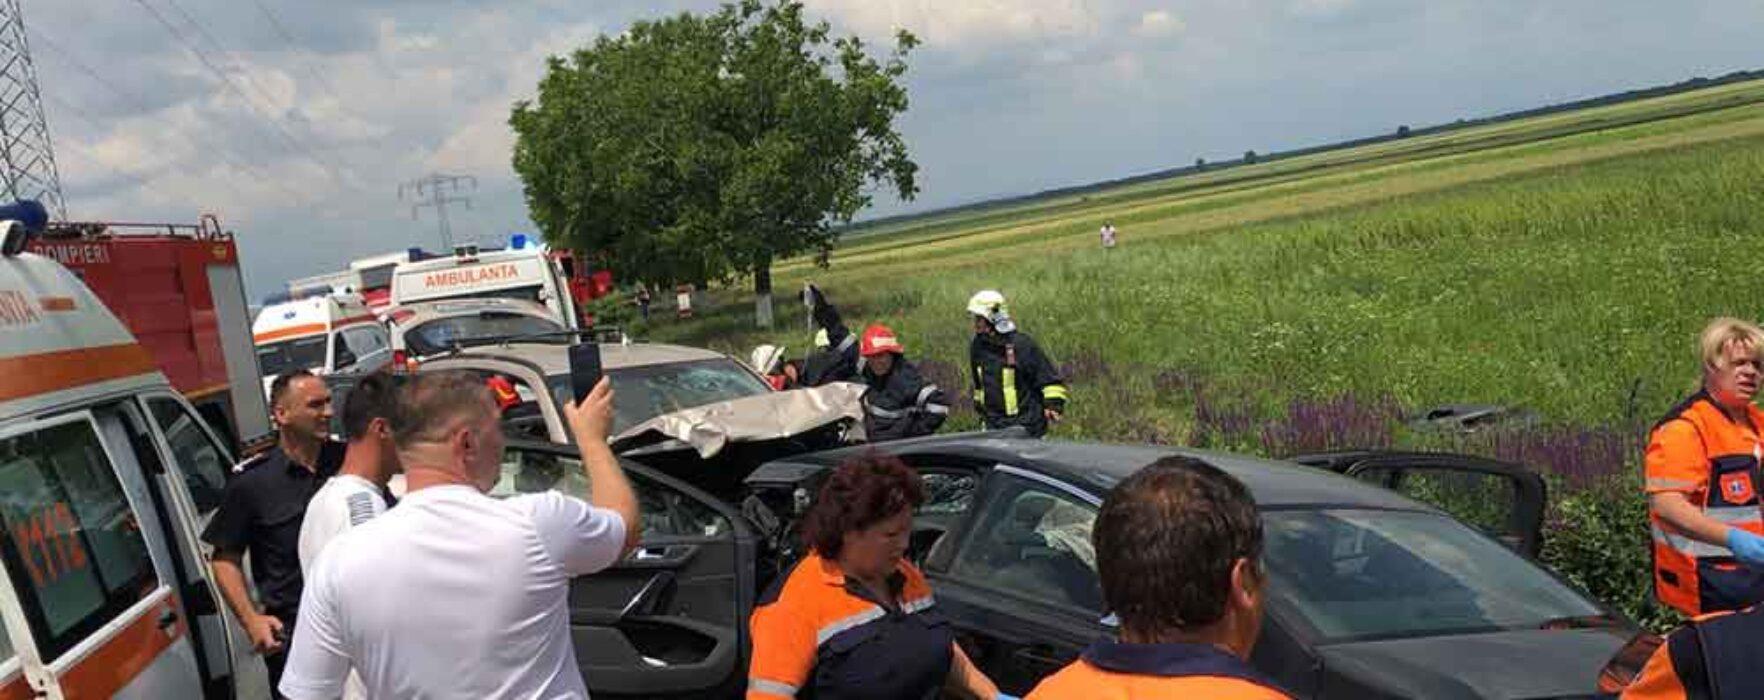 Dâmboviţa: Trafic blocat pe DN 71, în urma unui accident în care o persoană a murit